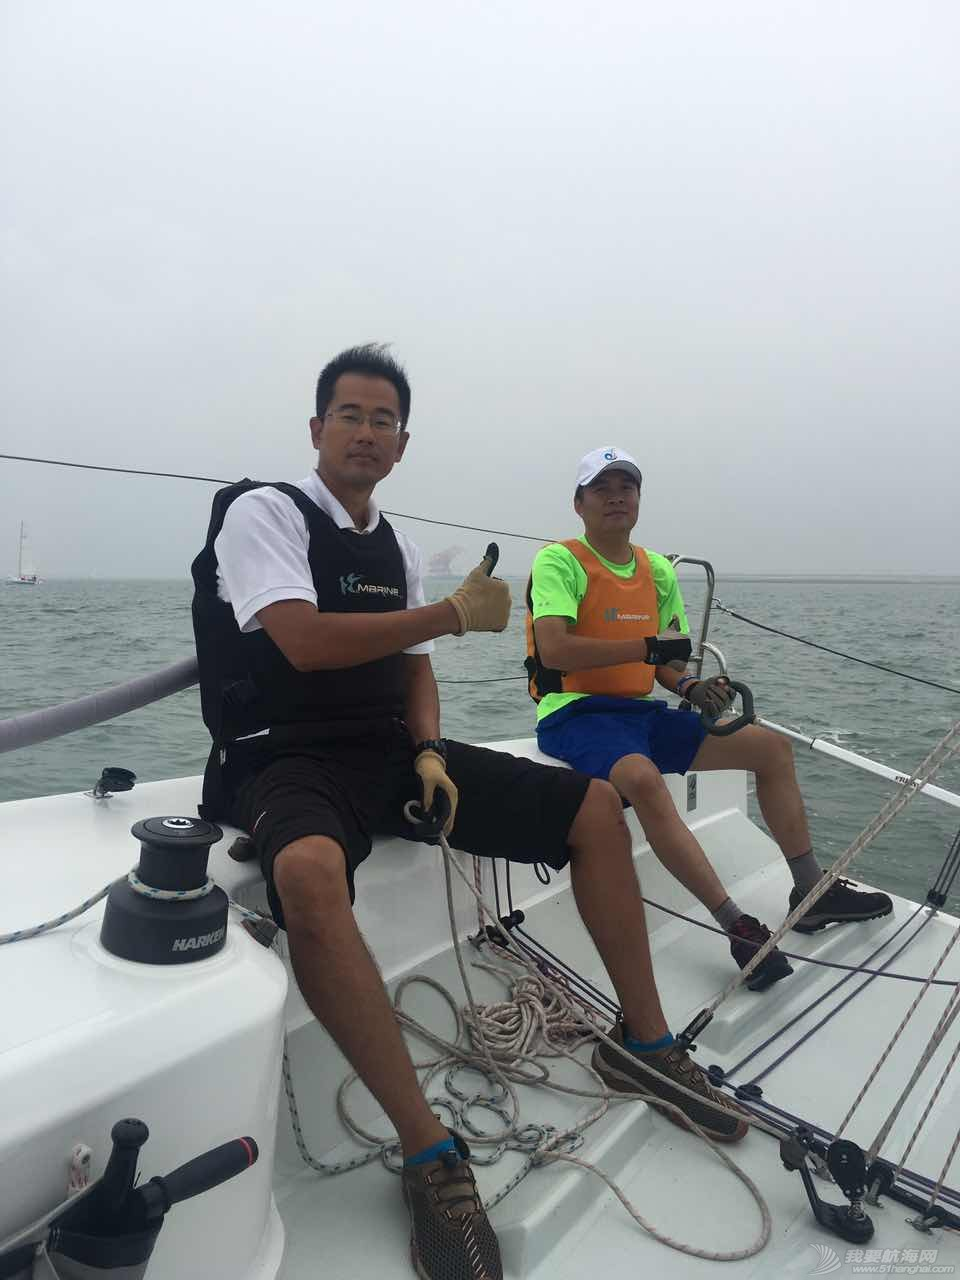 幸运,日照,水手,帆船运动,无人机 二次航海体验——通州湾杯帆赛3号船 IMG_8752.JPG